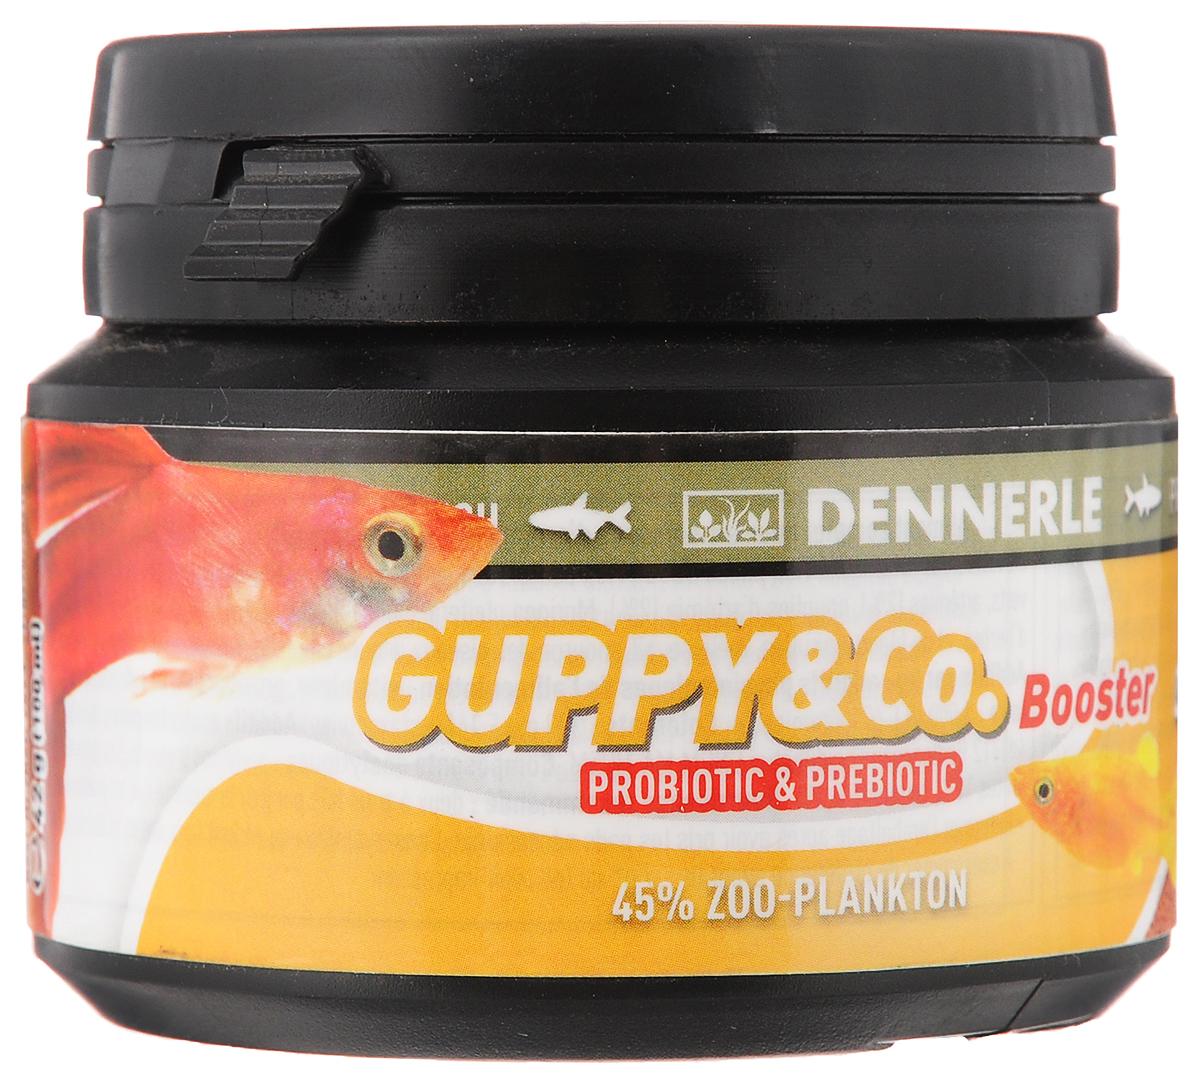 Корм Dennerle Guppy & Co Booster, для живородящих рыб, 42 гDEN7523Знаете ли Вы, что 1/3 всех аквариумных рыб, продаваемых в Германии, относится к живородящим? Специальный корм Dennerle Guppy & Co Booster, разработанный с учетом потребностей гуппи, меченосцев и молли. Высокая доля натуральных красителей усиливает яркость окраски рыб. Бета-глюкан вместе с пре- и пробиотиками повышает иммунитет рыб, что обеспечивает живородящим рыбкам надежную защиту от различных бактериальных инфекций. Рекомендация по кормлению: Ежедневно 2-3 раза больше, чем рыбы едят в течение 1 минуты. Arctic криль (31%), пшеничный белок, кальмар, омега-3 жир морских Bachflohkrebse (4%), дафнии (4%), кузнечики, личинки насекомых, коралловое водорослей, экстракт дрожжей, зеленые мидии, артемии (2%), Артемия науплии ( 2%), Моринга масличная, цикорий инулин, шпинат, мотыль, Nannochloropsis водоросли, травяной экстракт, капуста, спирулина, мелисса, чеснок, песчанка, хлорелла, фенхель, анис, пыльца, виноградных косточек,...